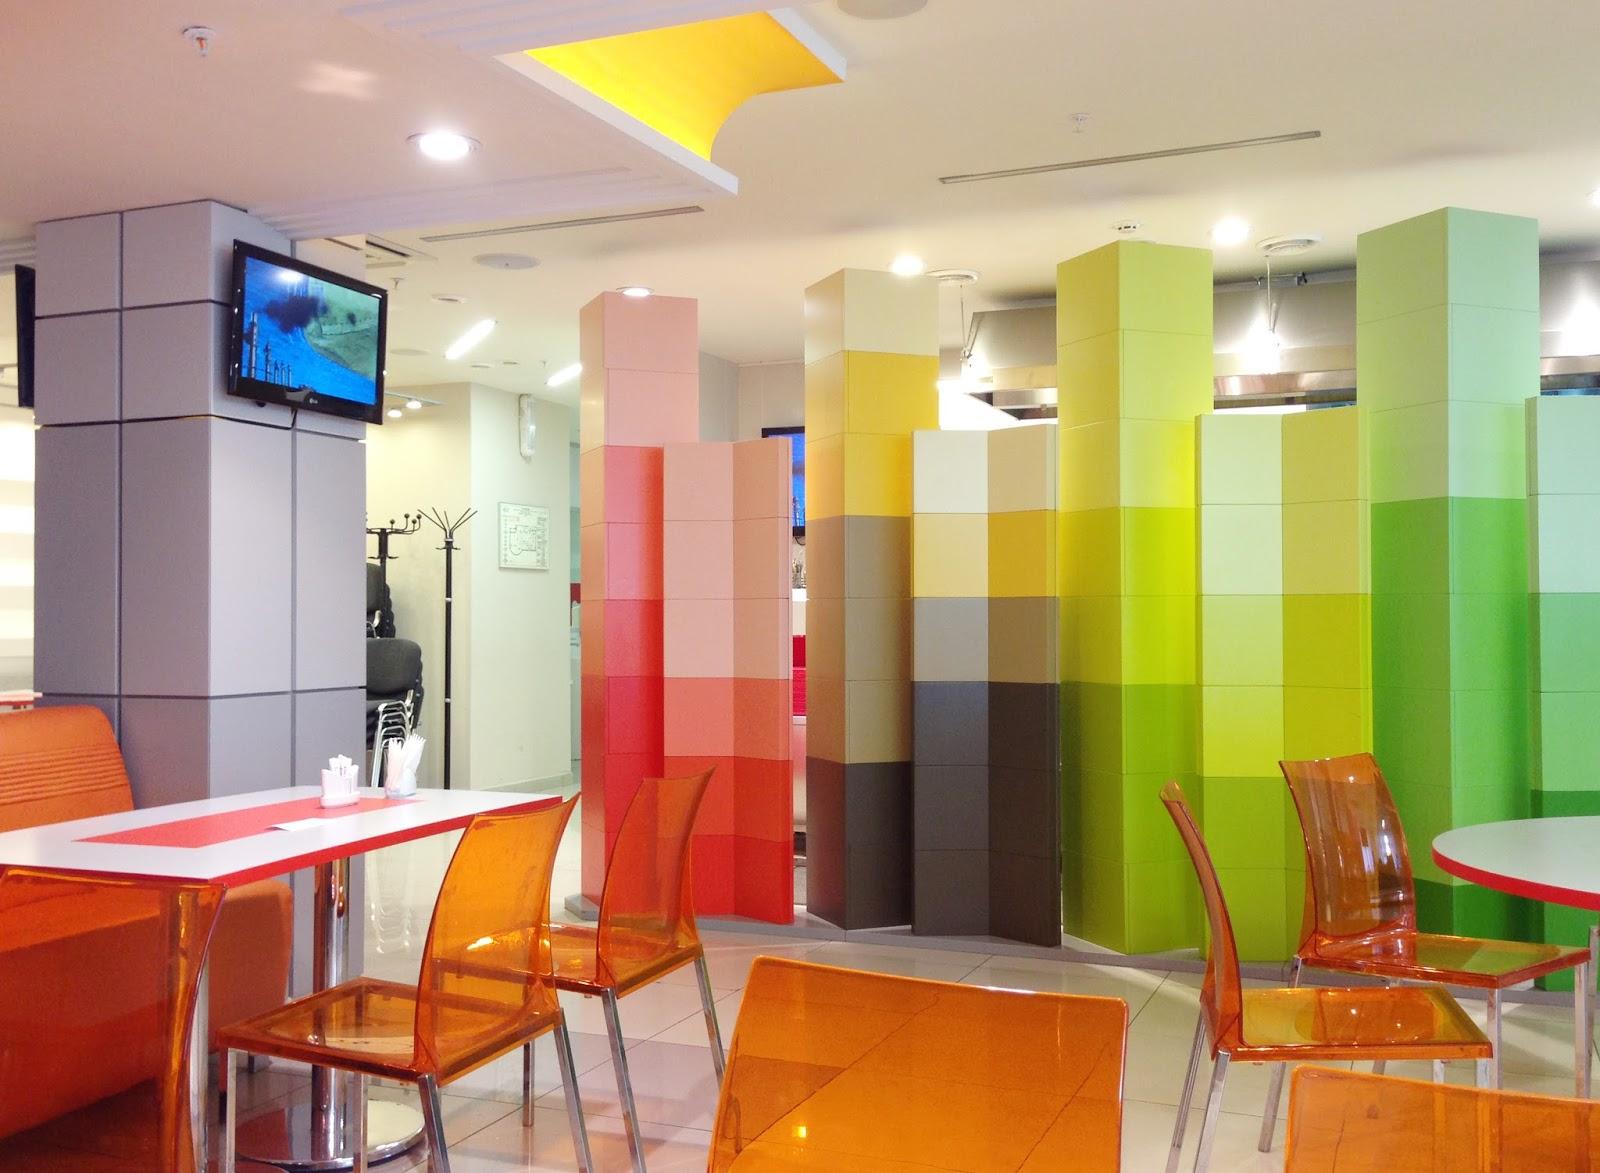 Desain Cafe Unik Dengan Interior Yang Menarik